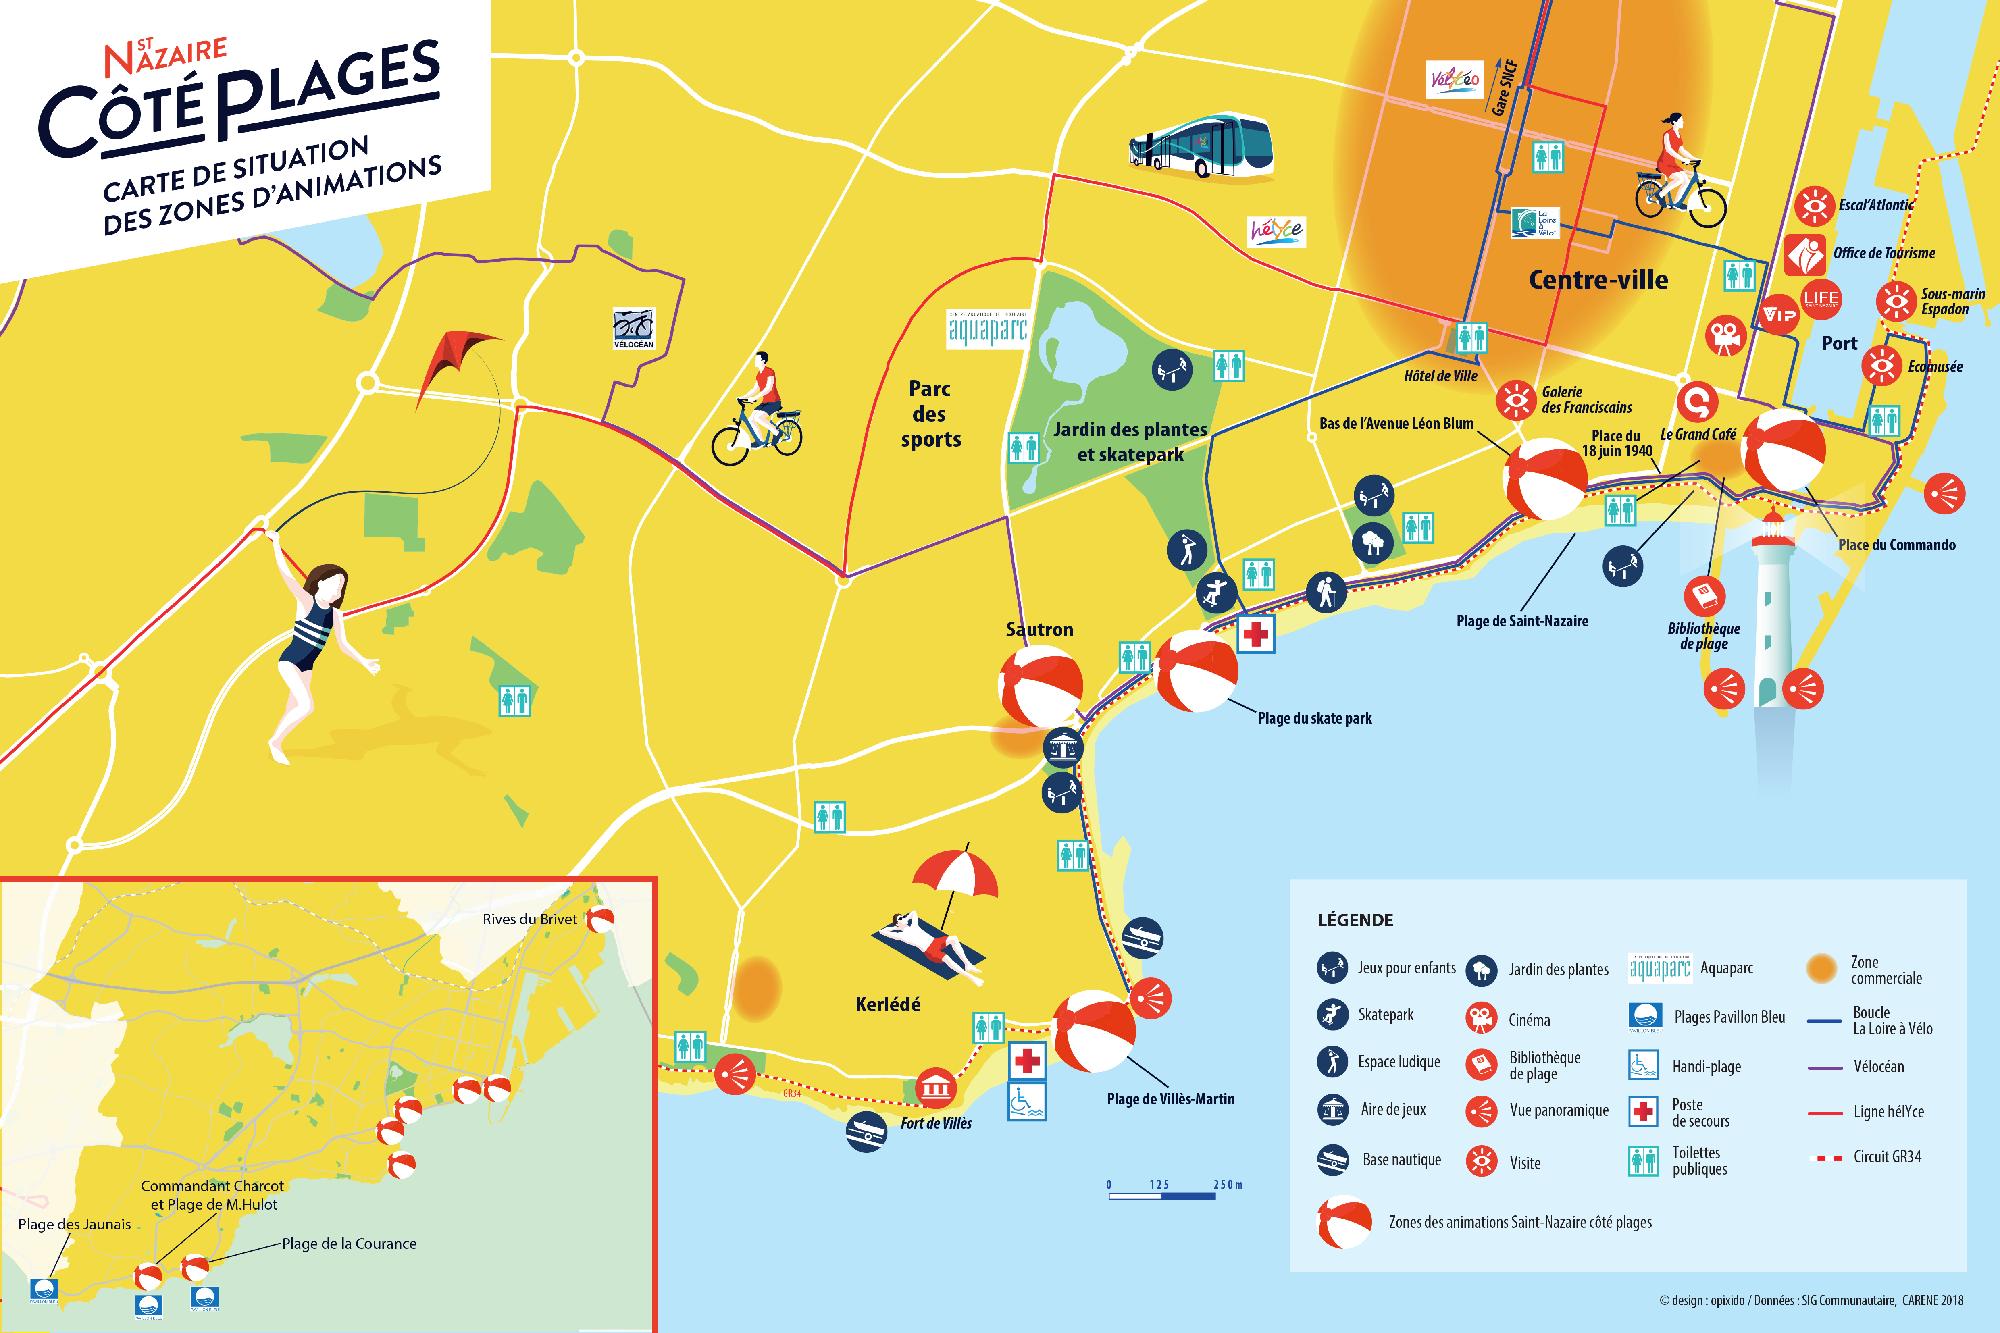 Saint-Nazaire côté plage 2018 : la carte